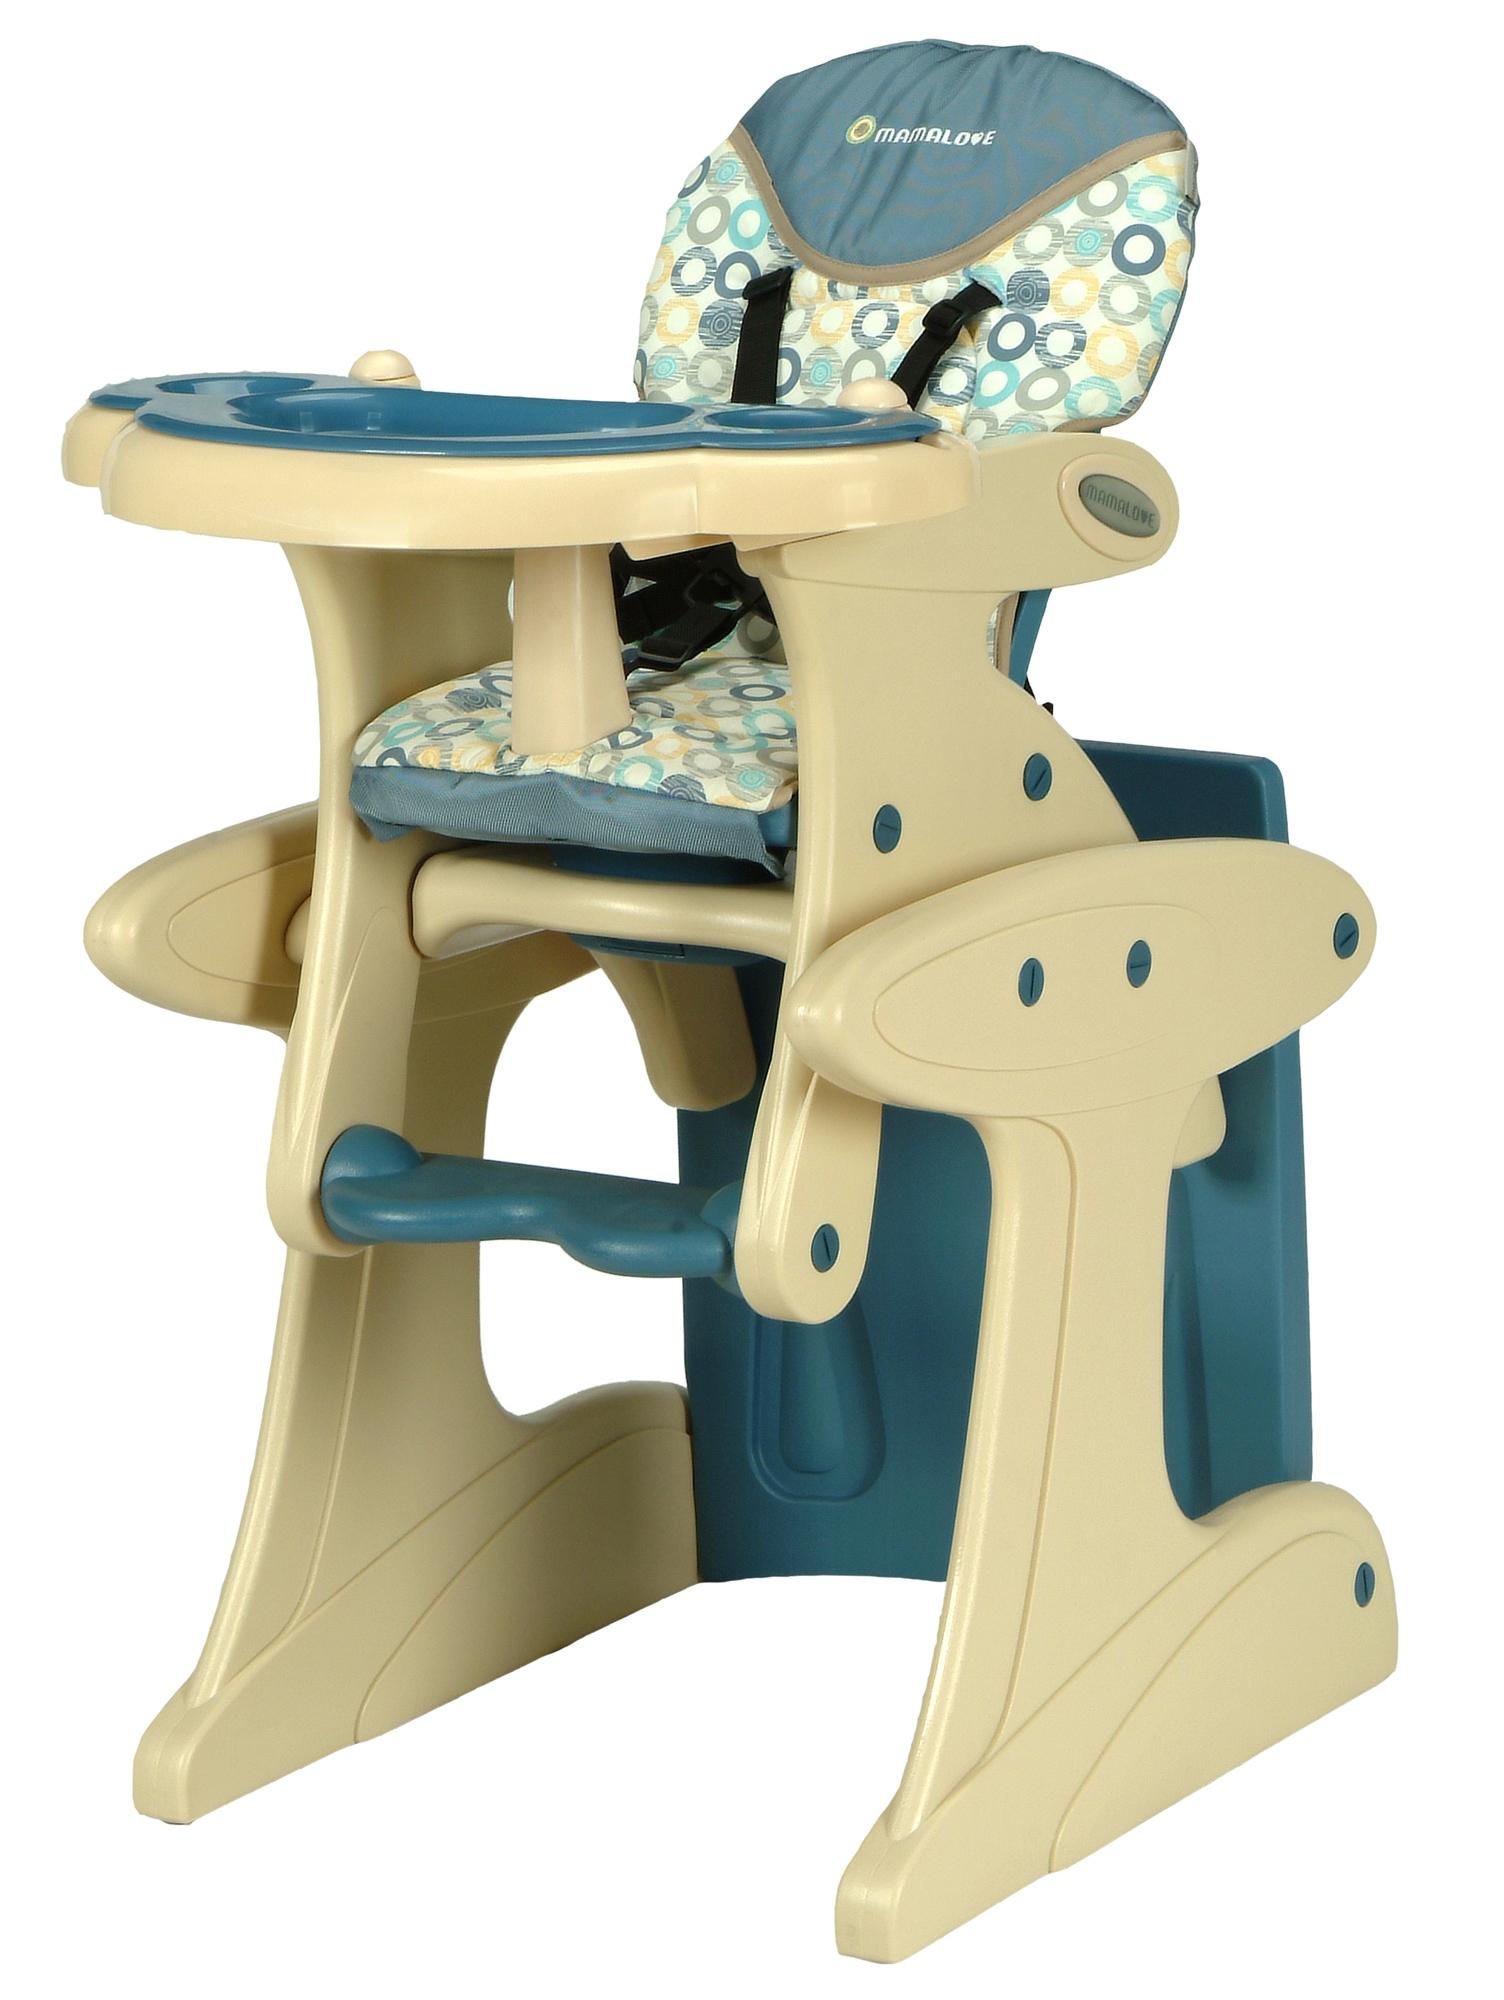 детский стульчик трансформер для кормления 59 фото стол со стулом